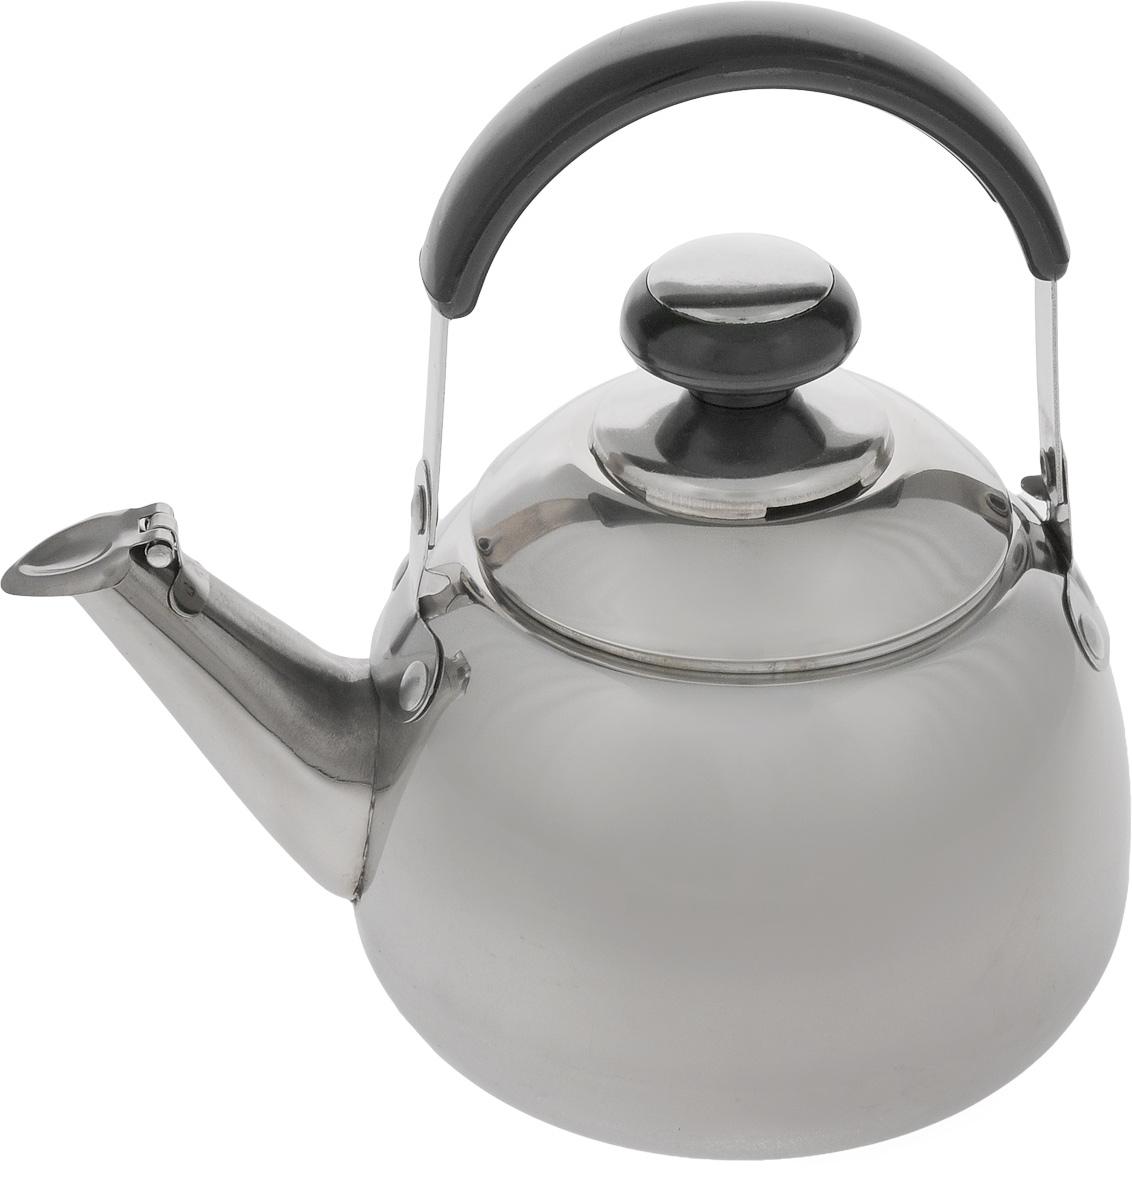 Чайник заварочный Mayer & Boch, со свистком и фильтром, 1 л. 11071107Заварочный чайник Mayer & Boch выполнен из высококачественной нержавеющей стали, что обеспечивает долговечность использования. Внешнее зеркальное покрытие придает приятный внешний вид. Бакелитовая ручка делает использование чайника очень удобным и безопасным. Крышка оснащена свистком, что позволит вамконтролировать процесс подогреваили кипячения воды. Чайник оснащен фильтром, с помощью которого можно заваривать ваш любимый чай.Подходит для газовых, электрических и стеклокерамических плит. Можно мыть в посудомоечной машине. Диаметр чайника (по верхнему краю): 8 см. Высота чайника (без учета крышки и ручки): 9 см. Высота чайника (с учетом крышки и ручки): 18,5 см. Размер фильтра: 7,5 х 7,5 х 5,5 см.